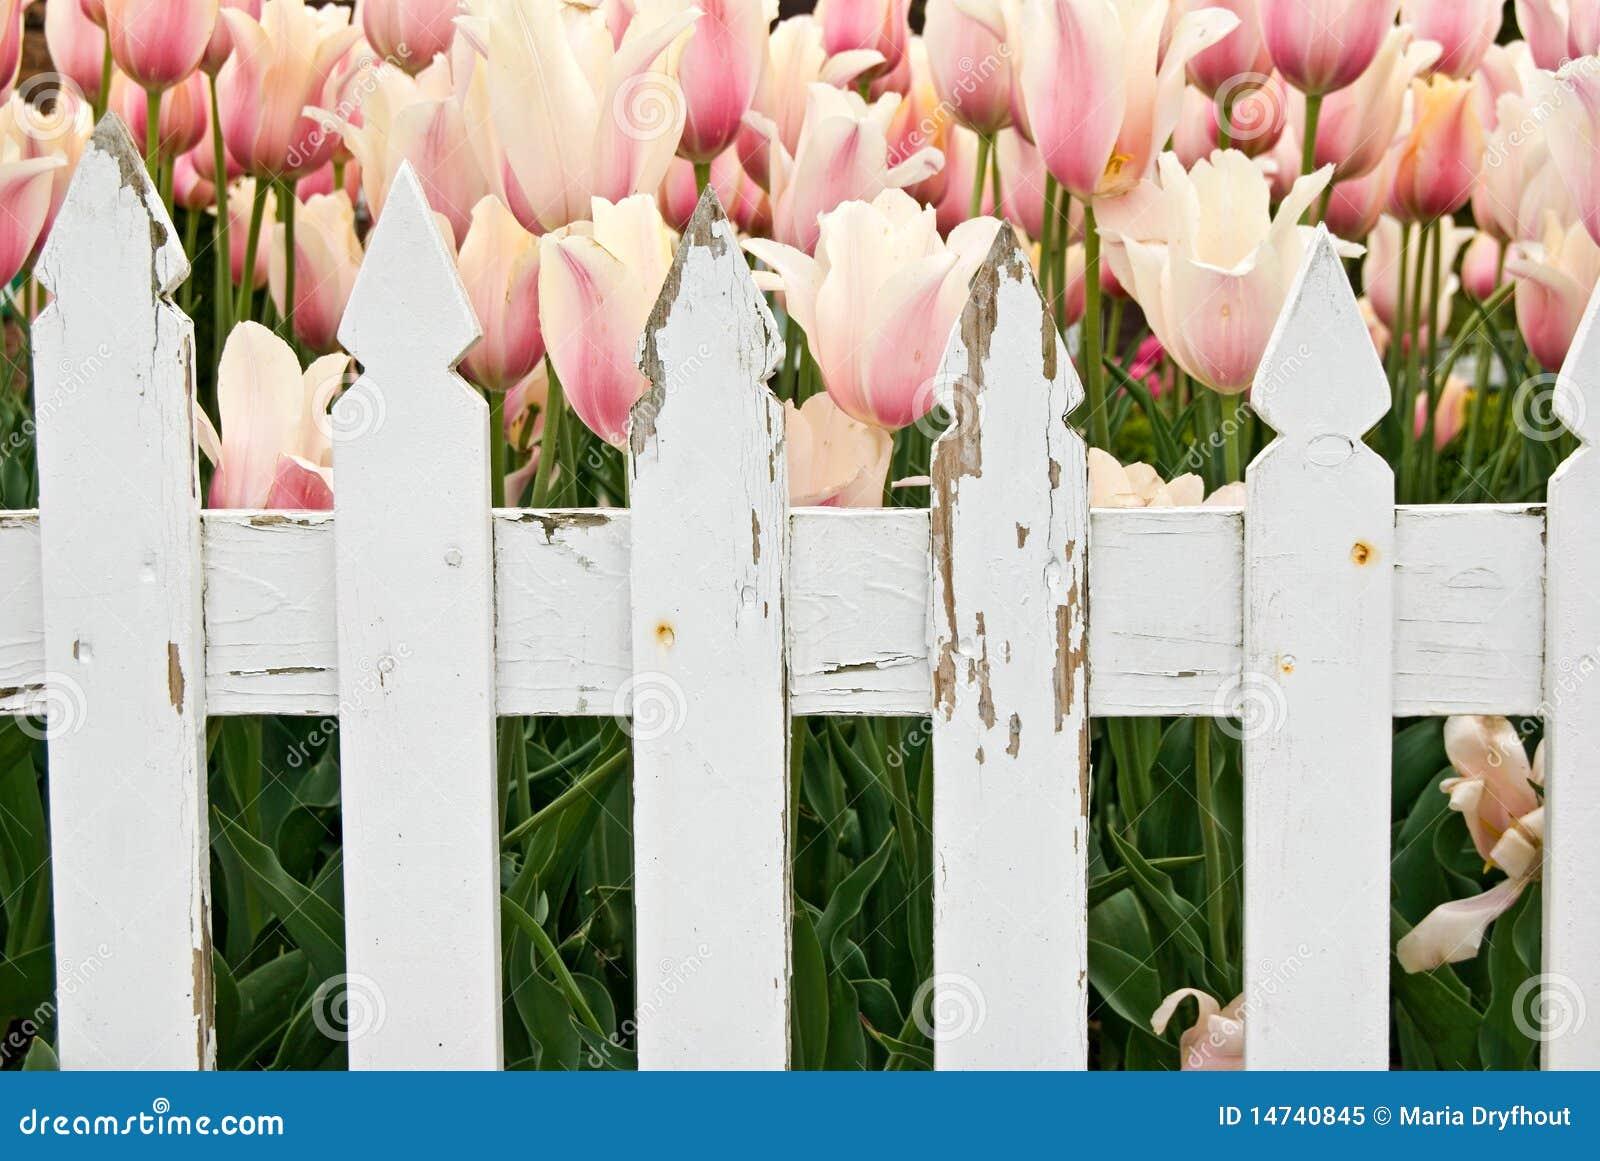 голландский тюльпан сада